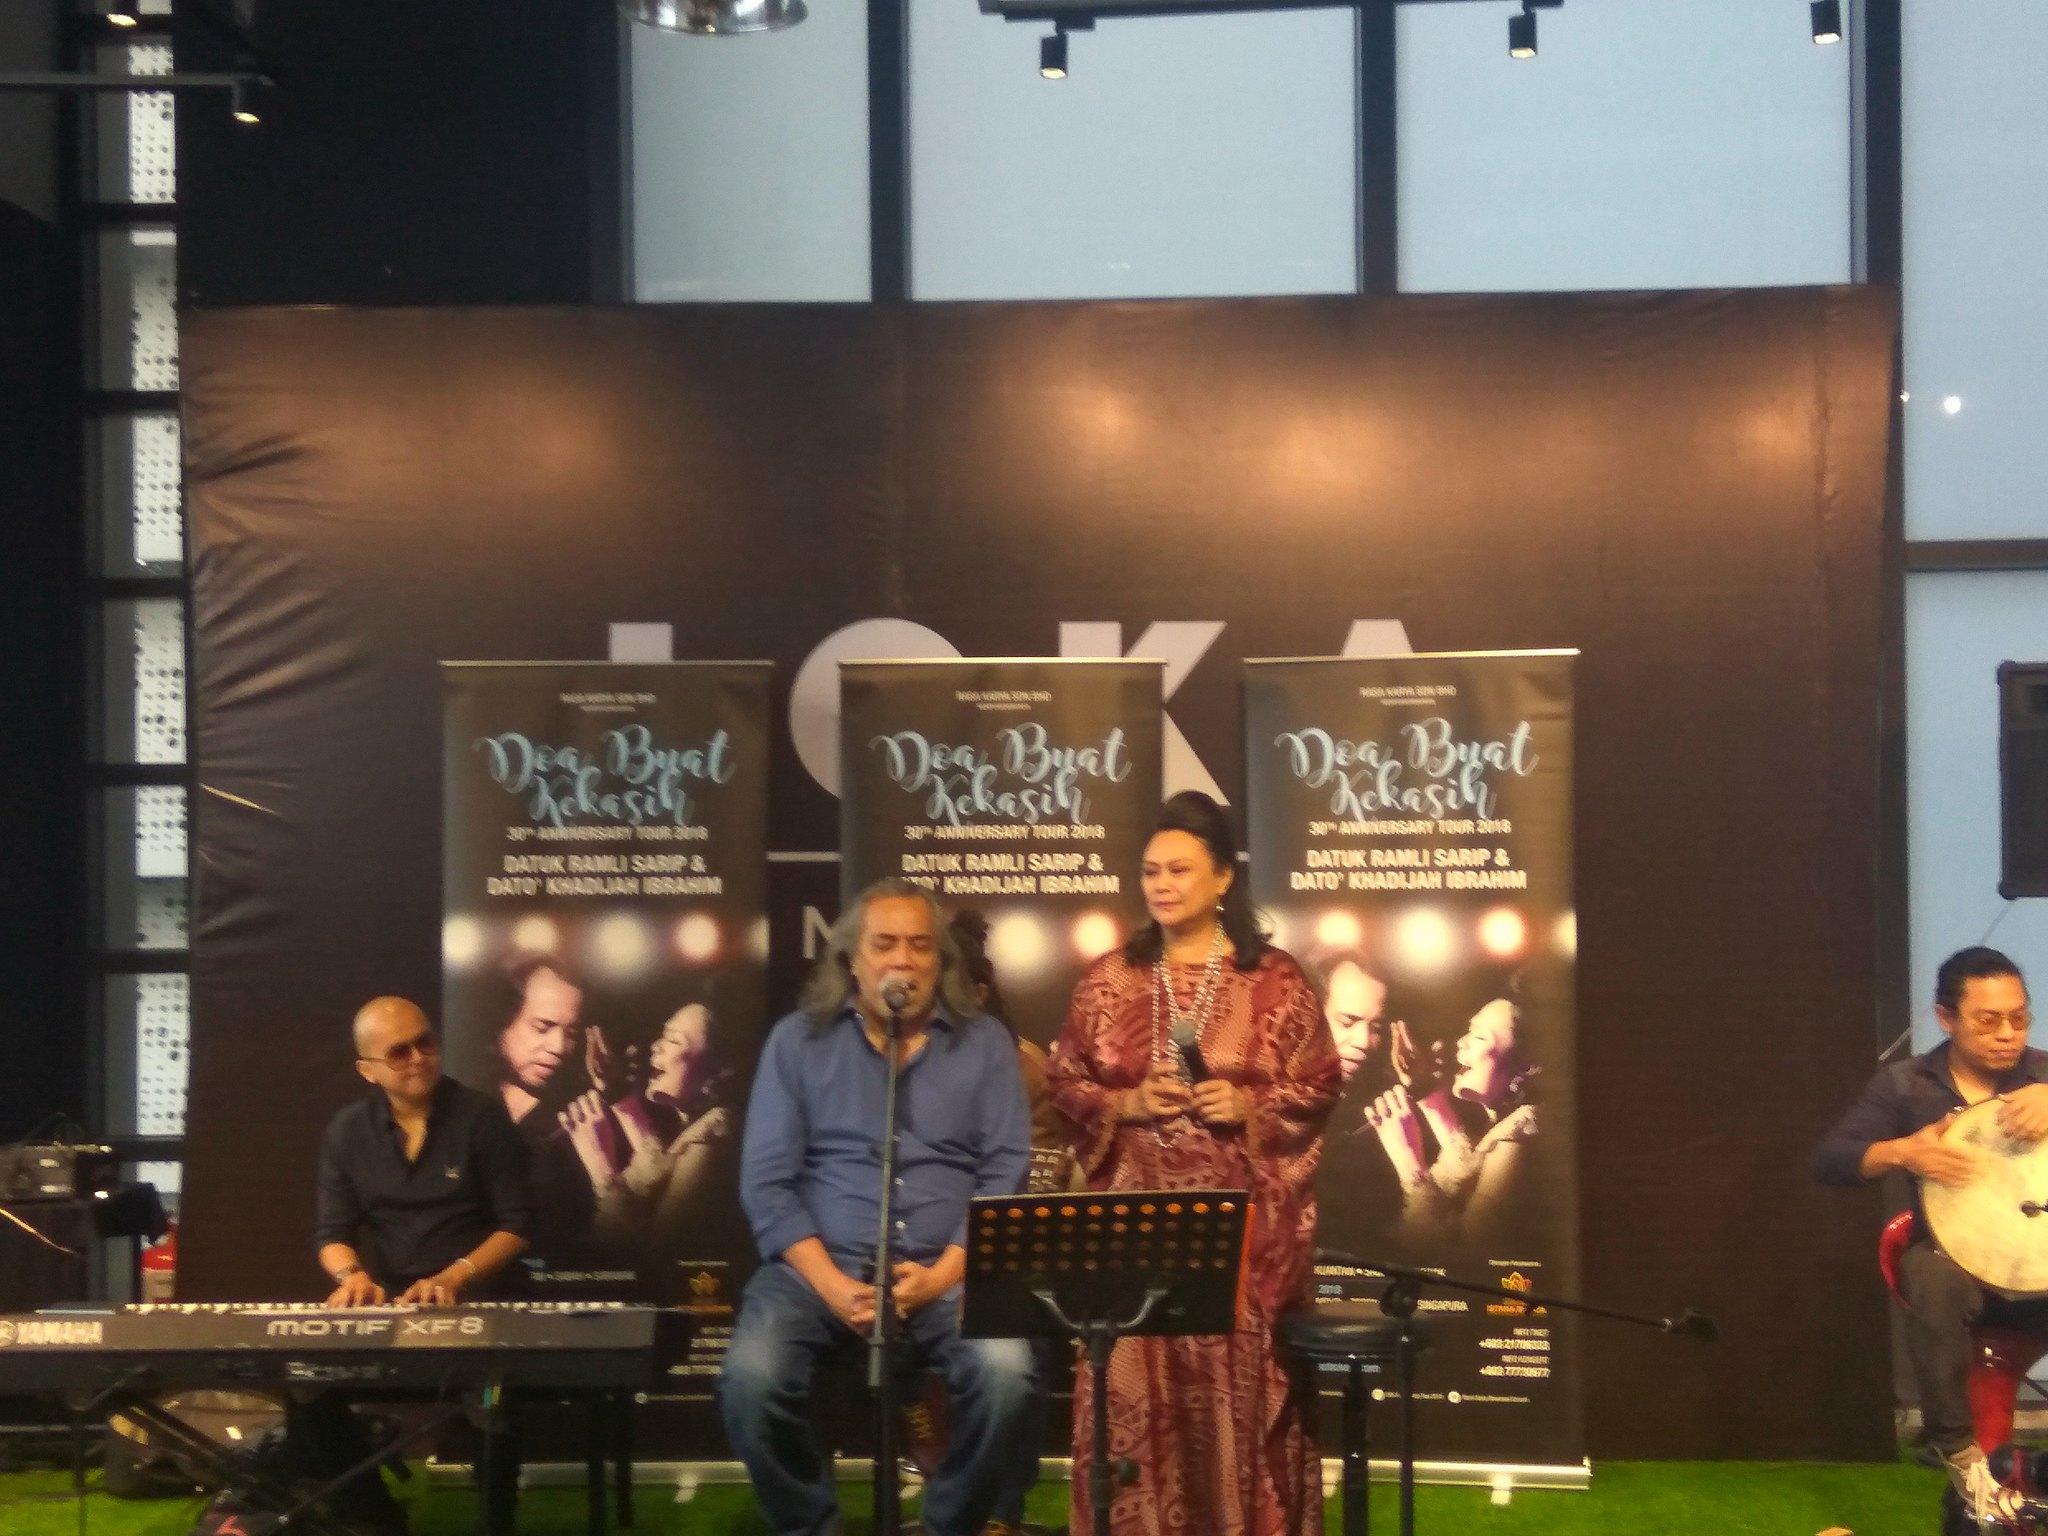 Konsert Doa Buat Kekasih 30th Anniversary